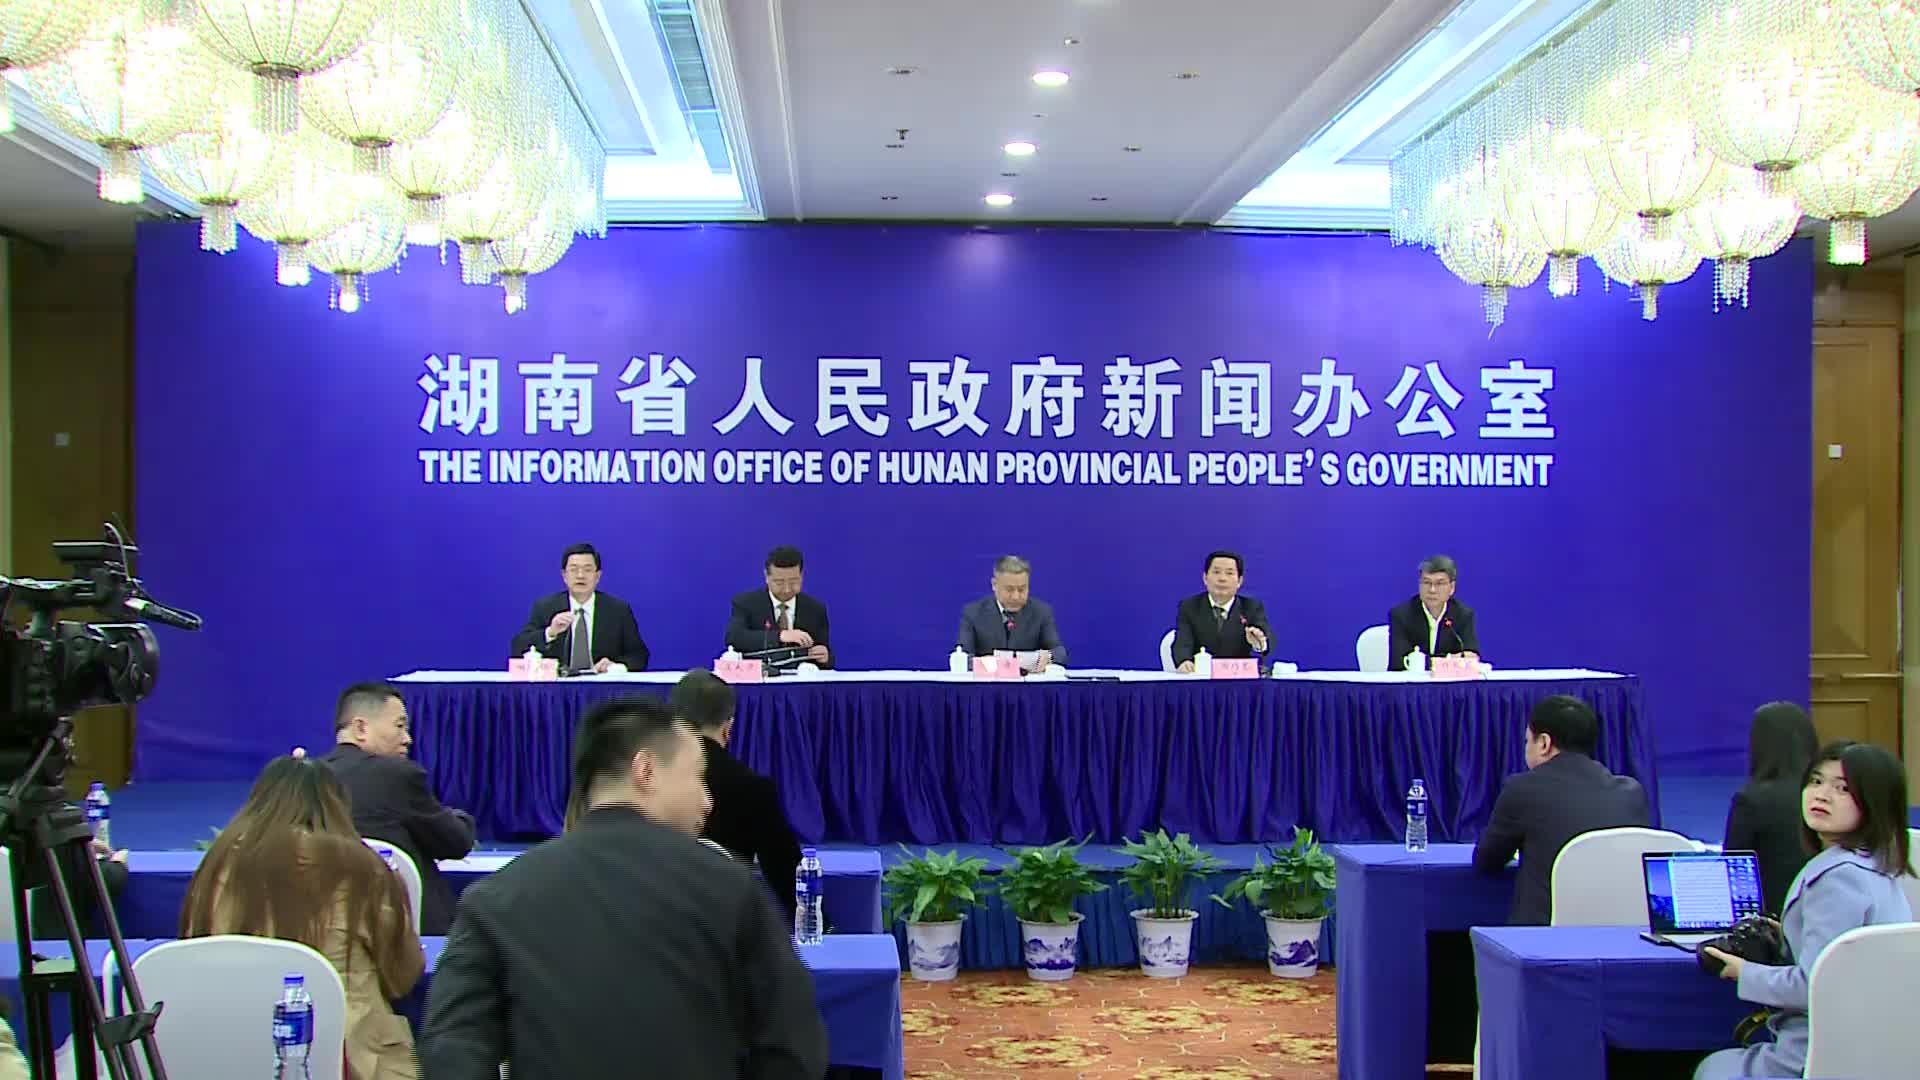 【全程回放】湖南省降低社会保险费率工作情况新闻发布会